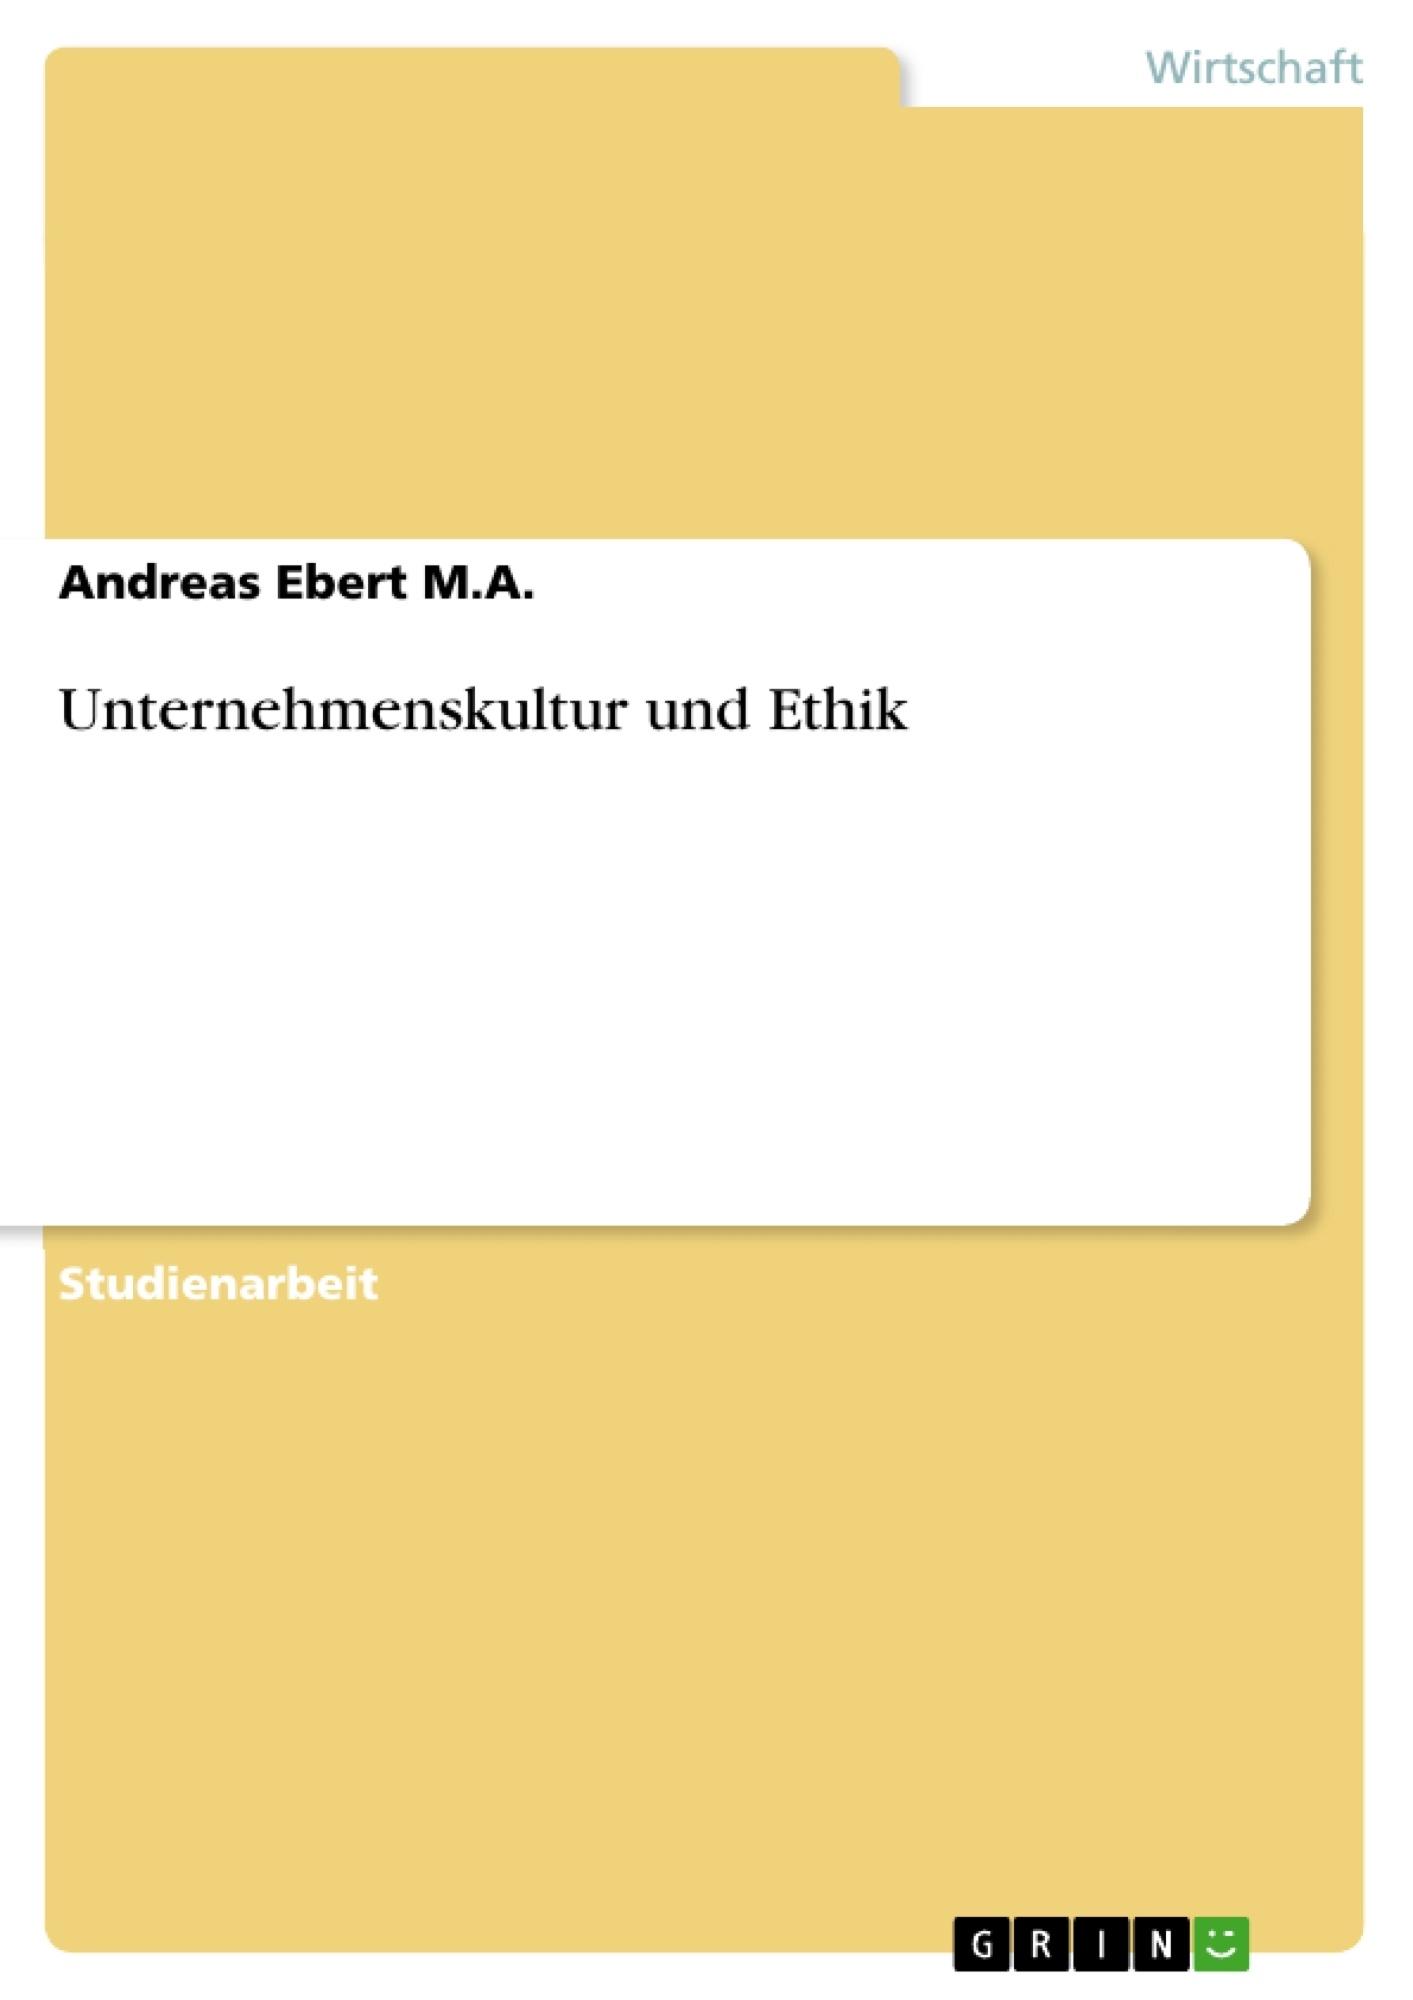 Titel: Unternehmenskultur und Ethik